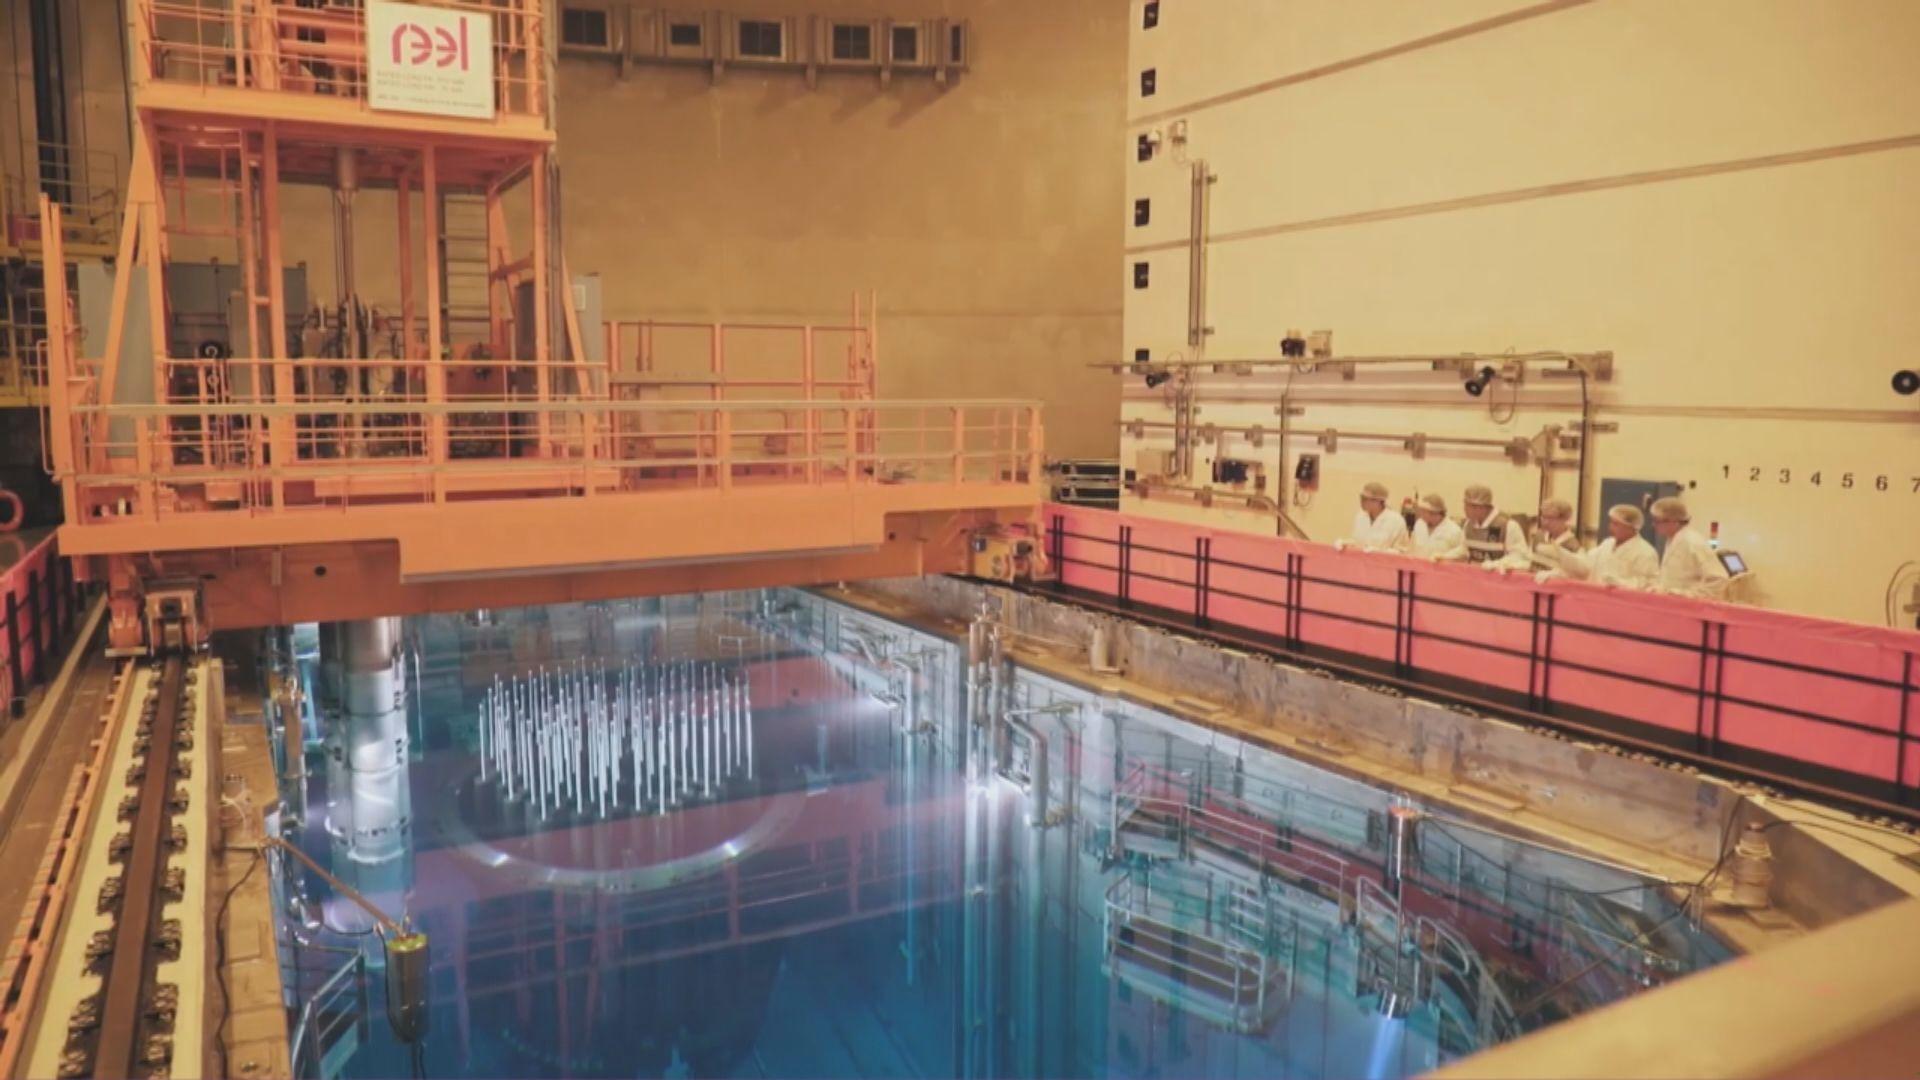 中廣核回應輻射指控:台山核電站及周邊環境指標正常